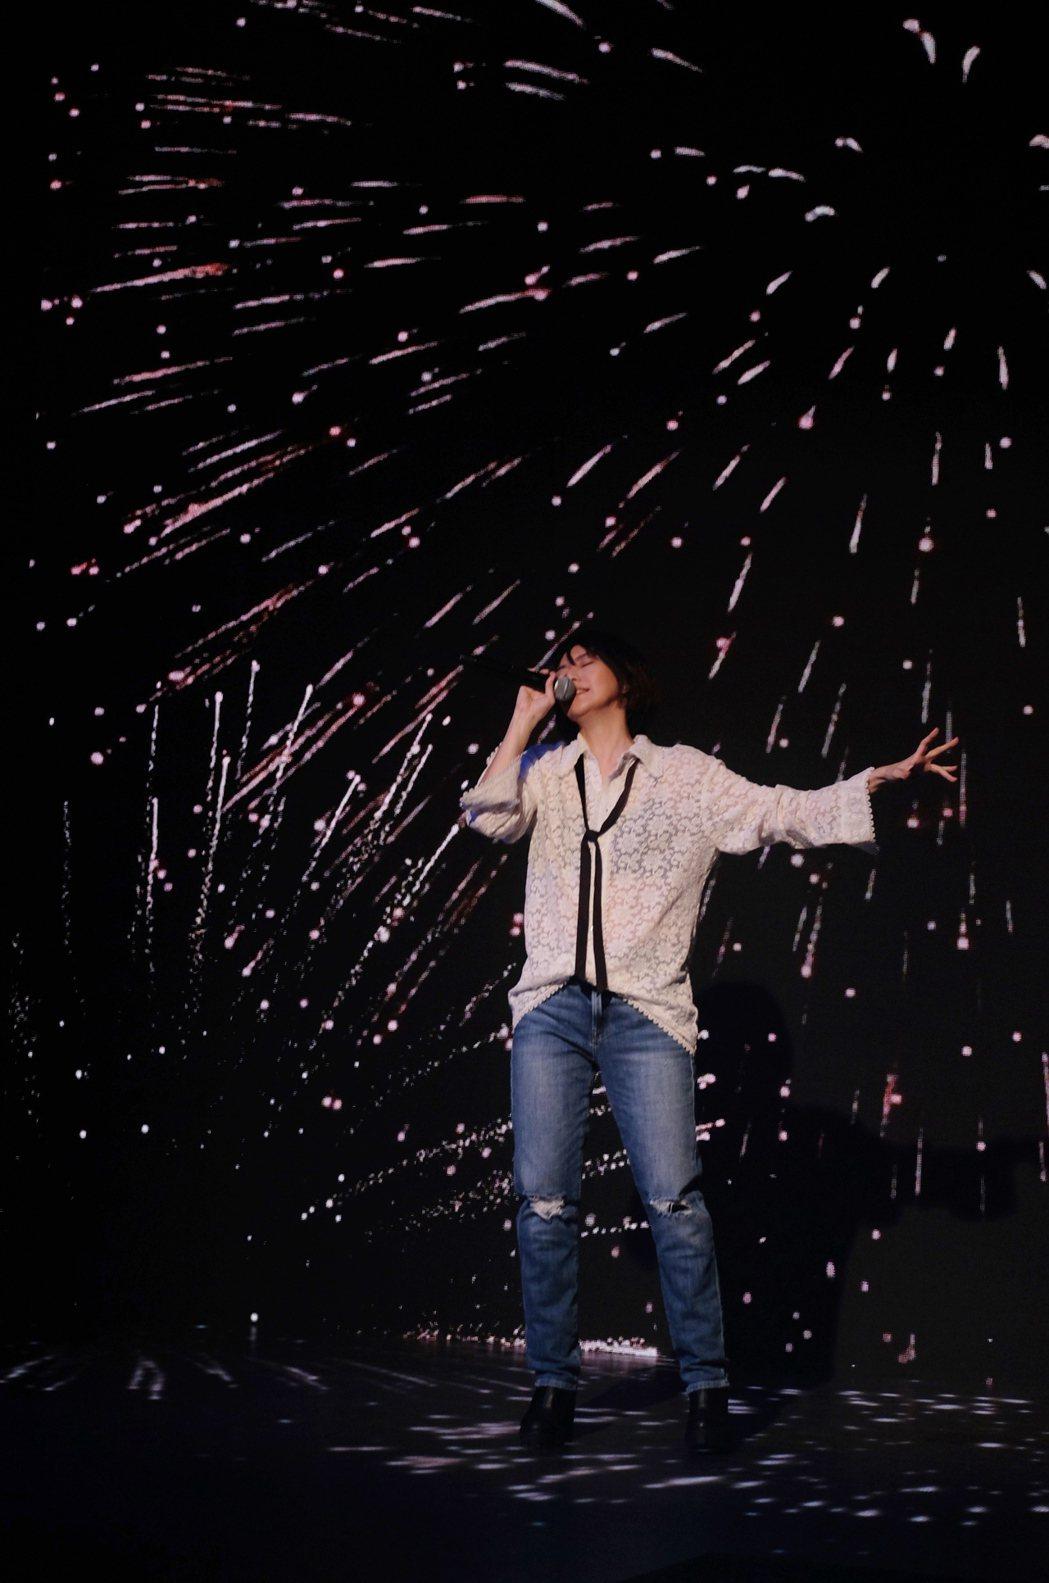 孫燕姿曾被網友說是冷門歌手,開唱幽默回應「這個歌手不太冷」。圖/MAKE / M...